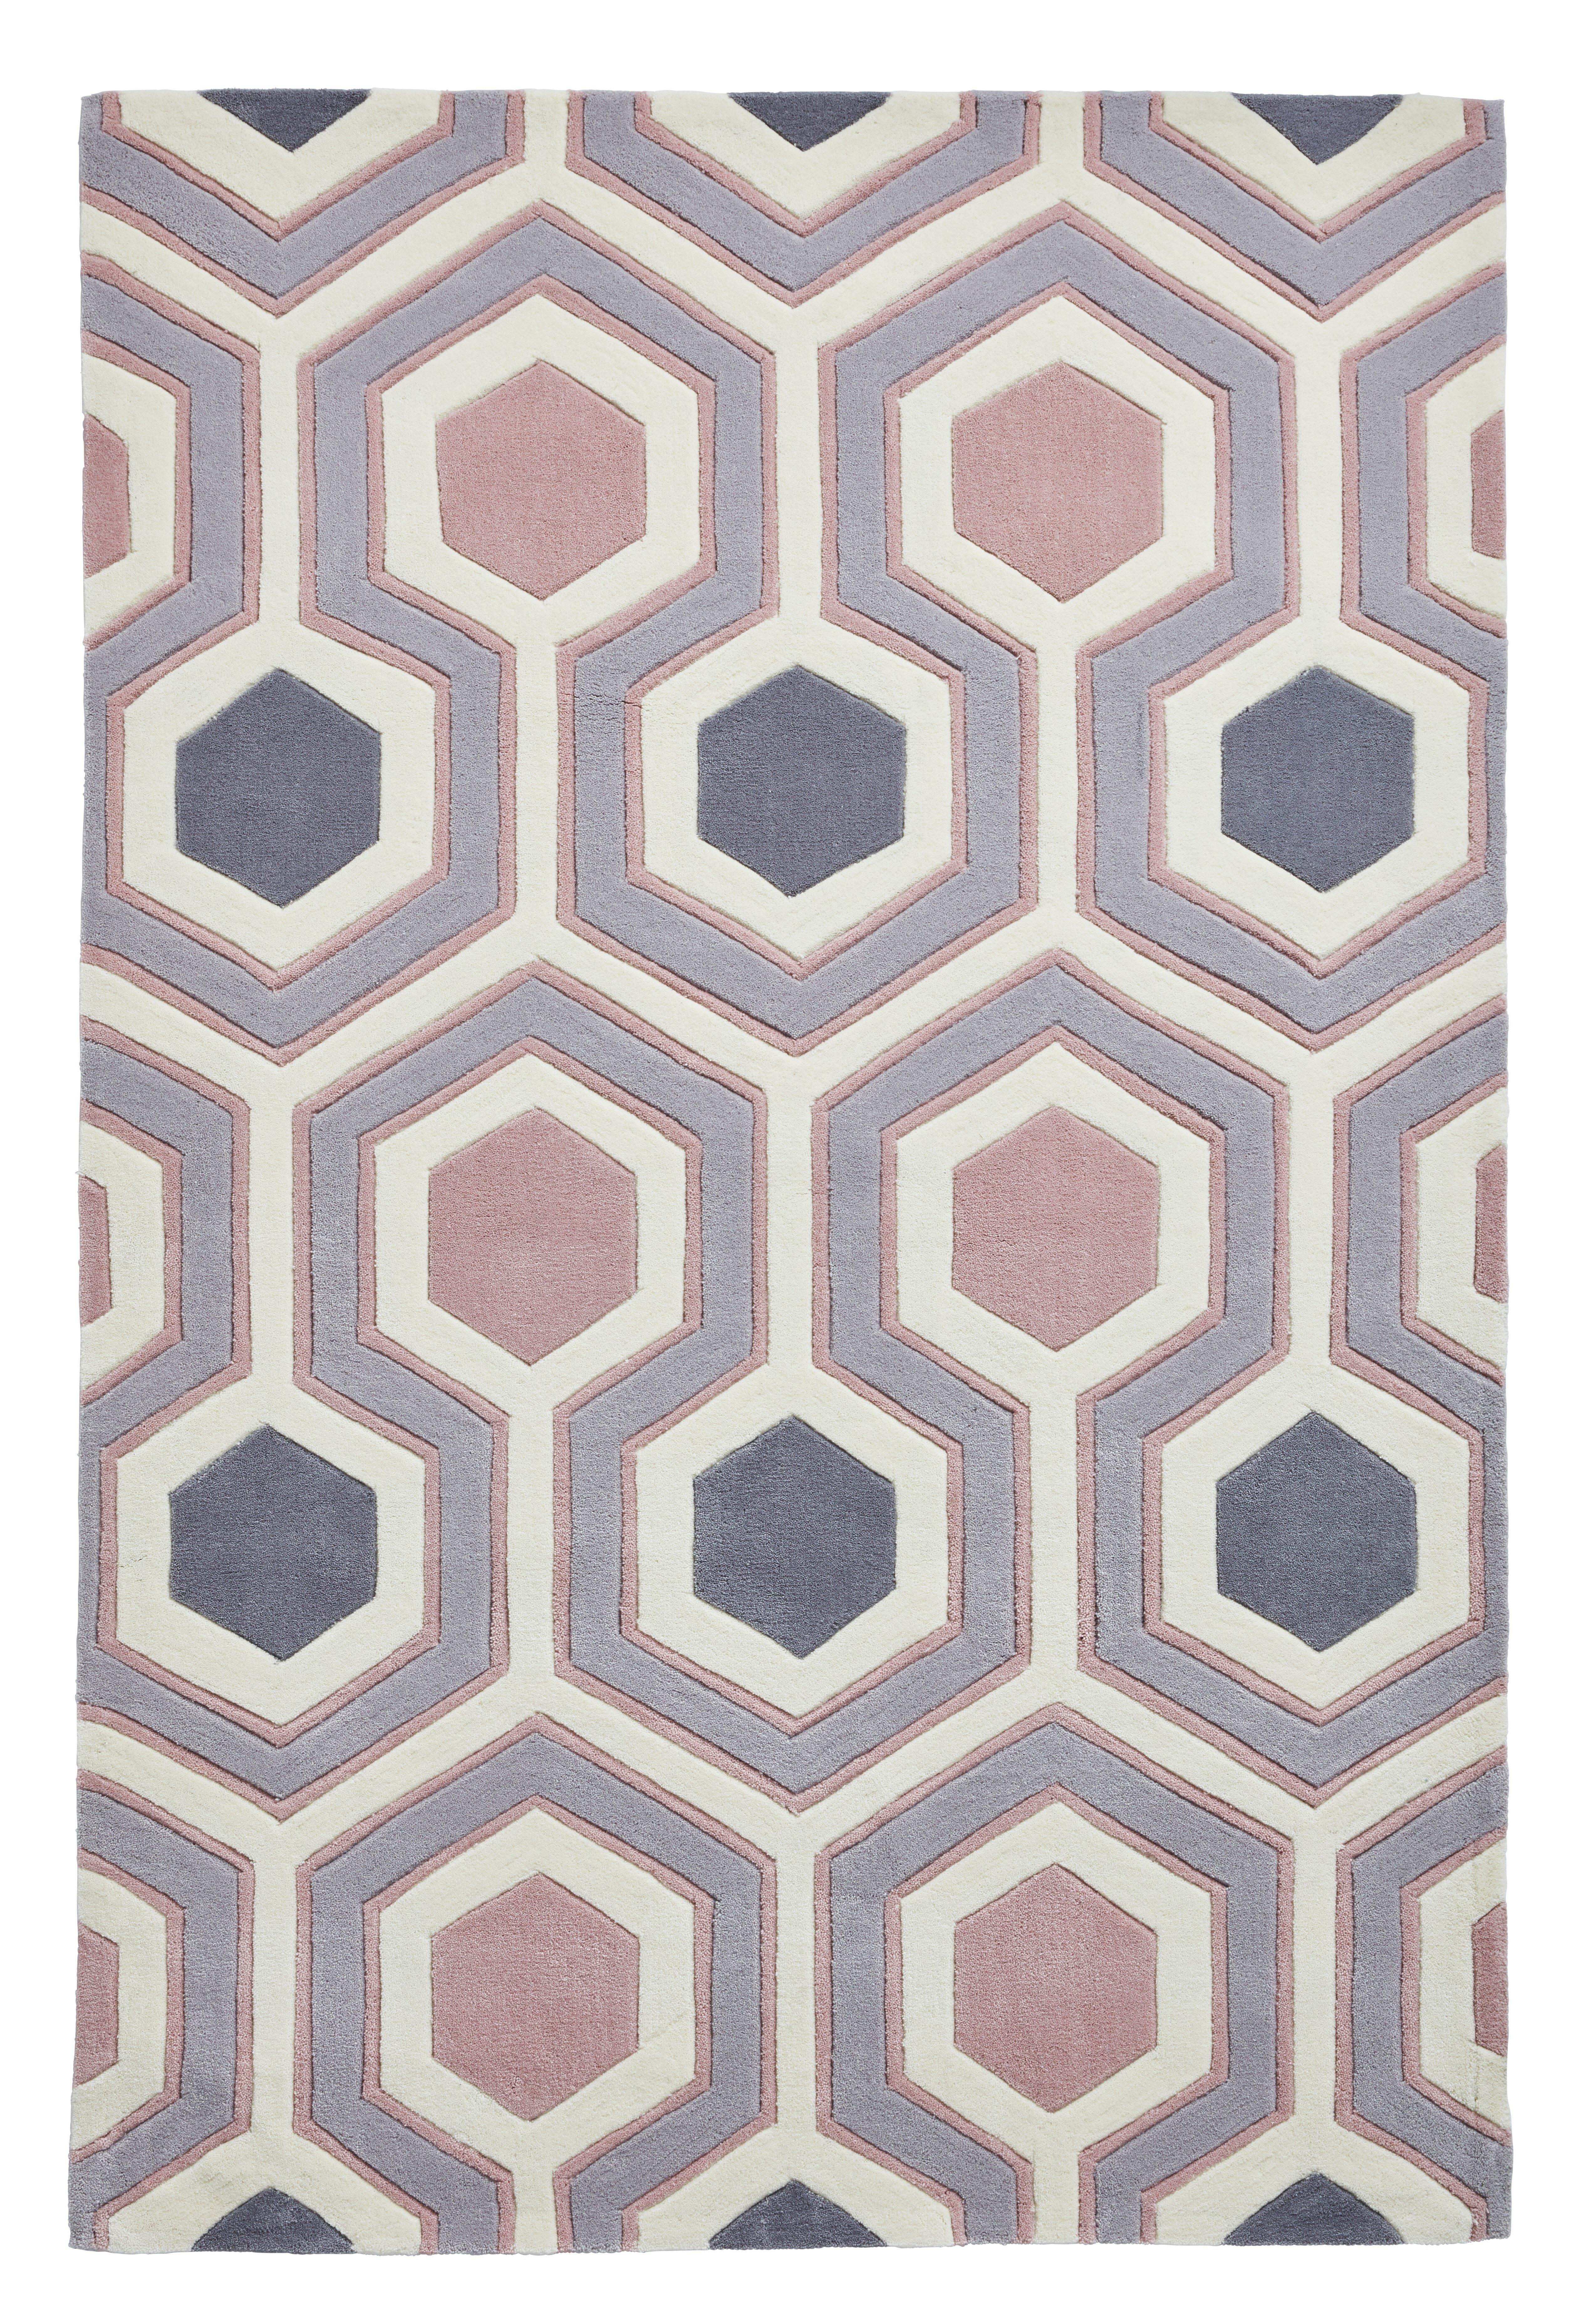 Safavieh Handgefertigter Teppich Dhurrie Fes In Türkis Elfenbeinweiß Hausdesign Wohnzimmer Grau T C3 Bcrkis